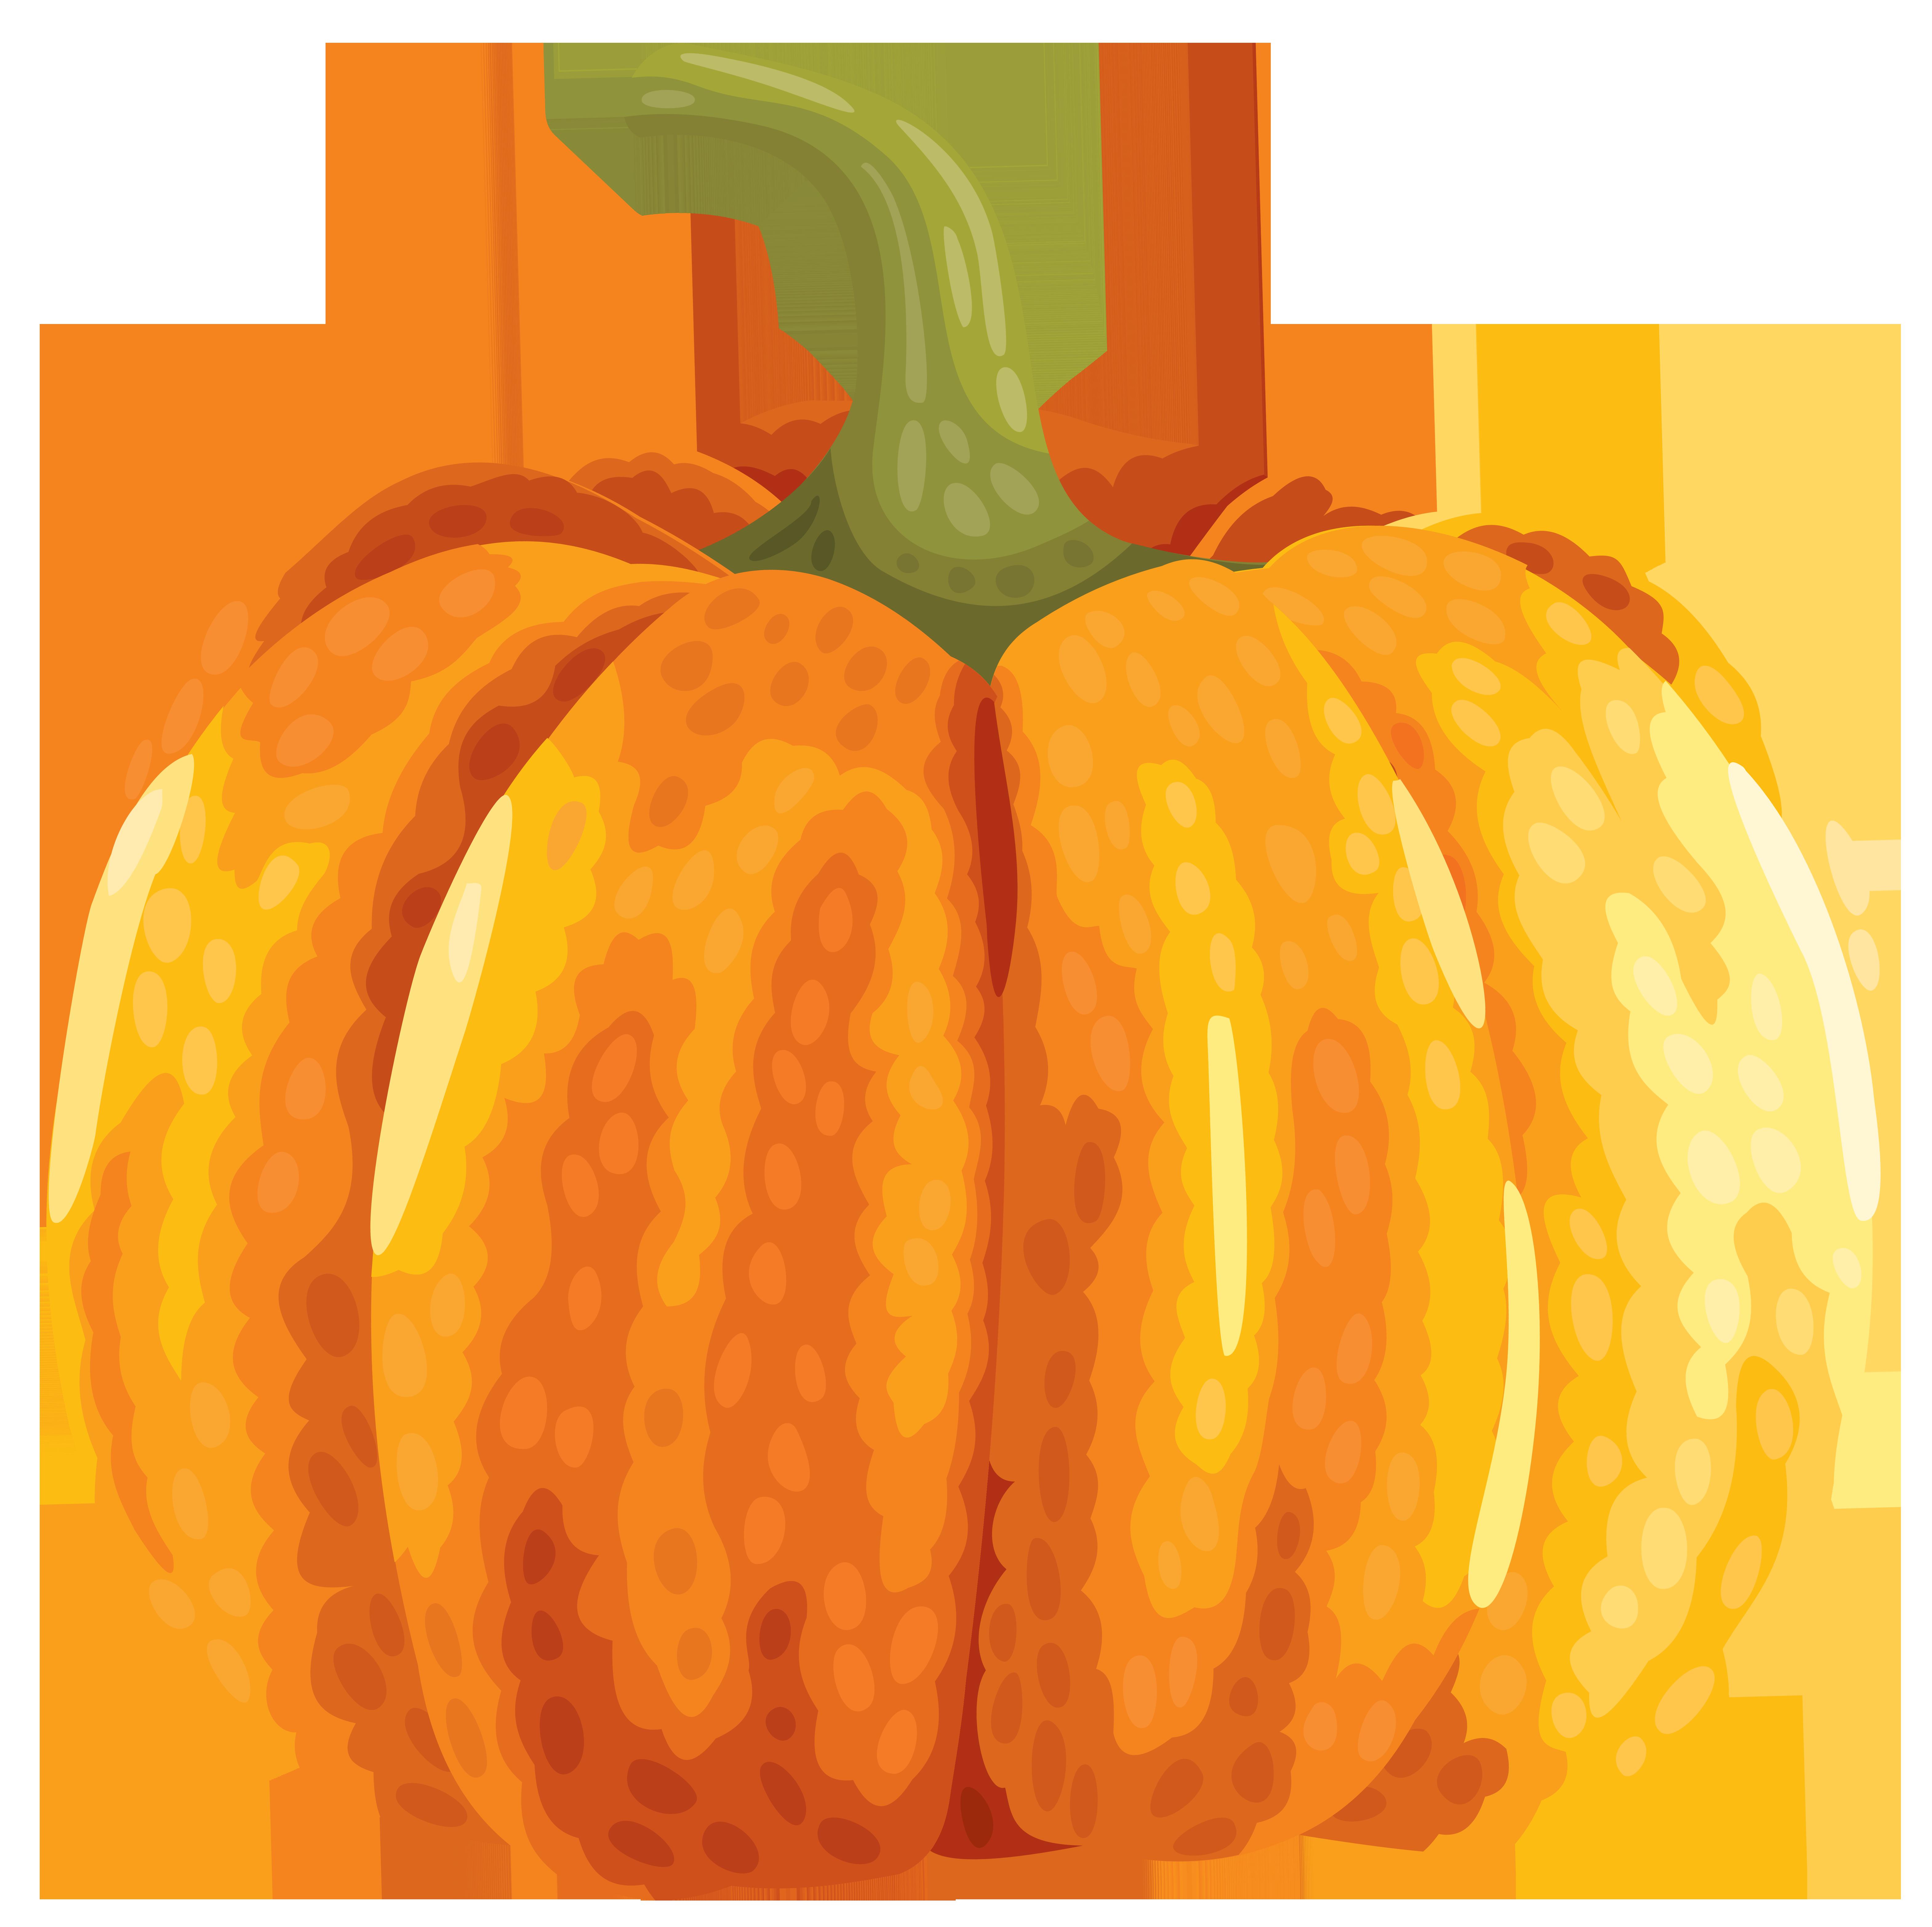 Gourd clipart autumn pumpkin Gallery full Image Autumn Yopriceville